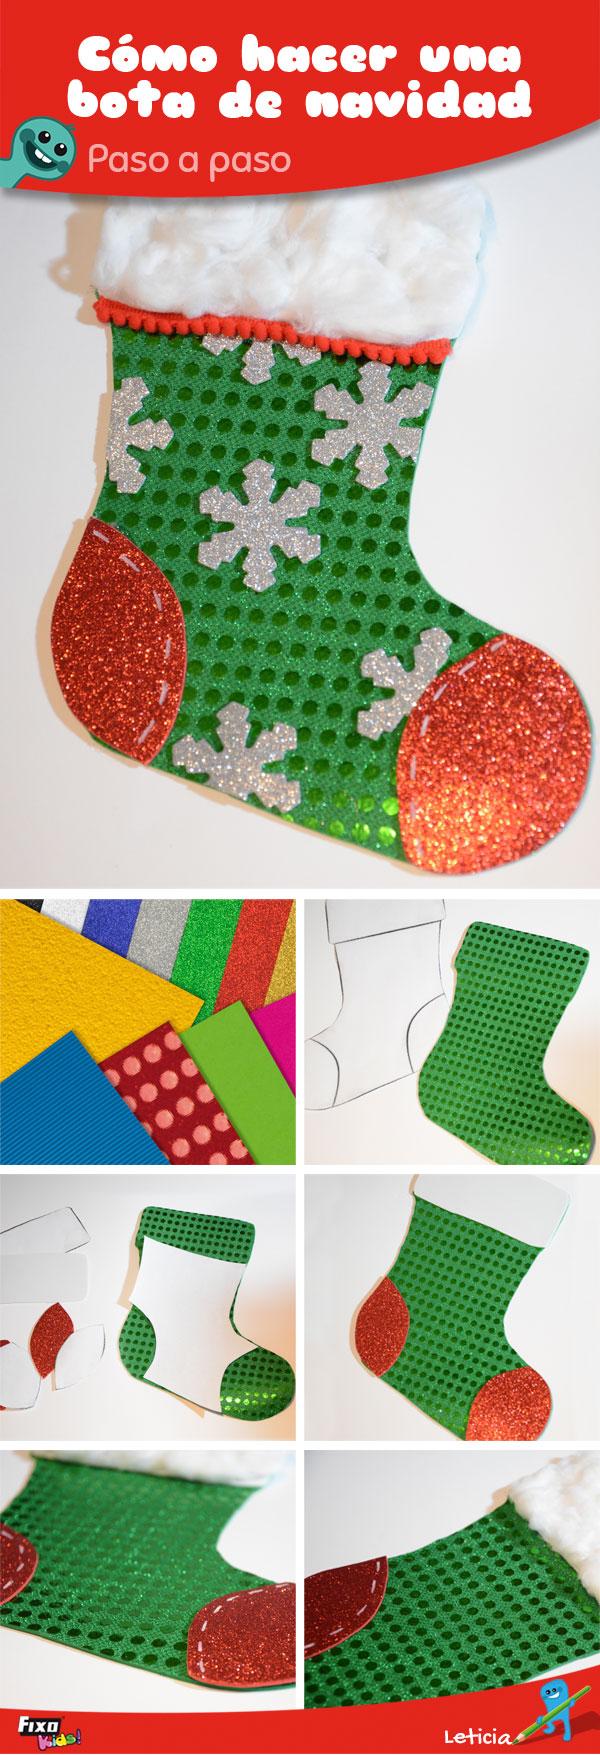 2 Ideas De Decoración Navideña Papá Noel Y Bota De Navidad